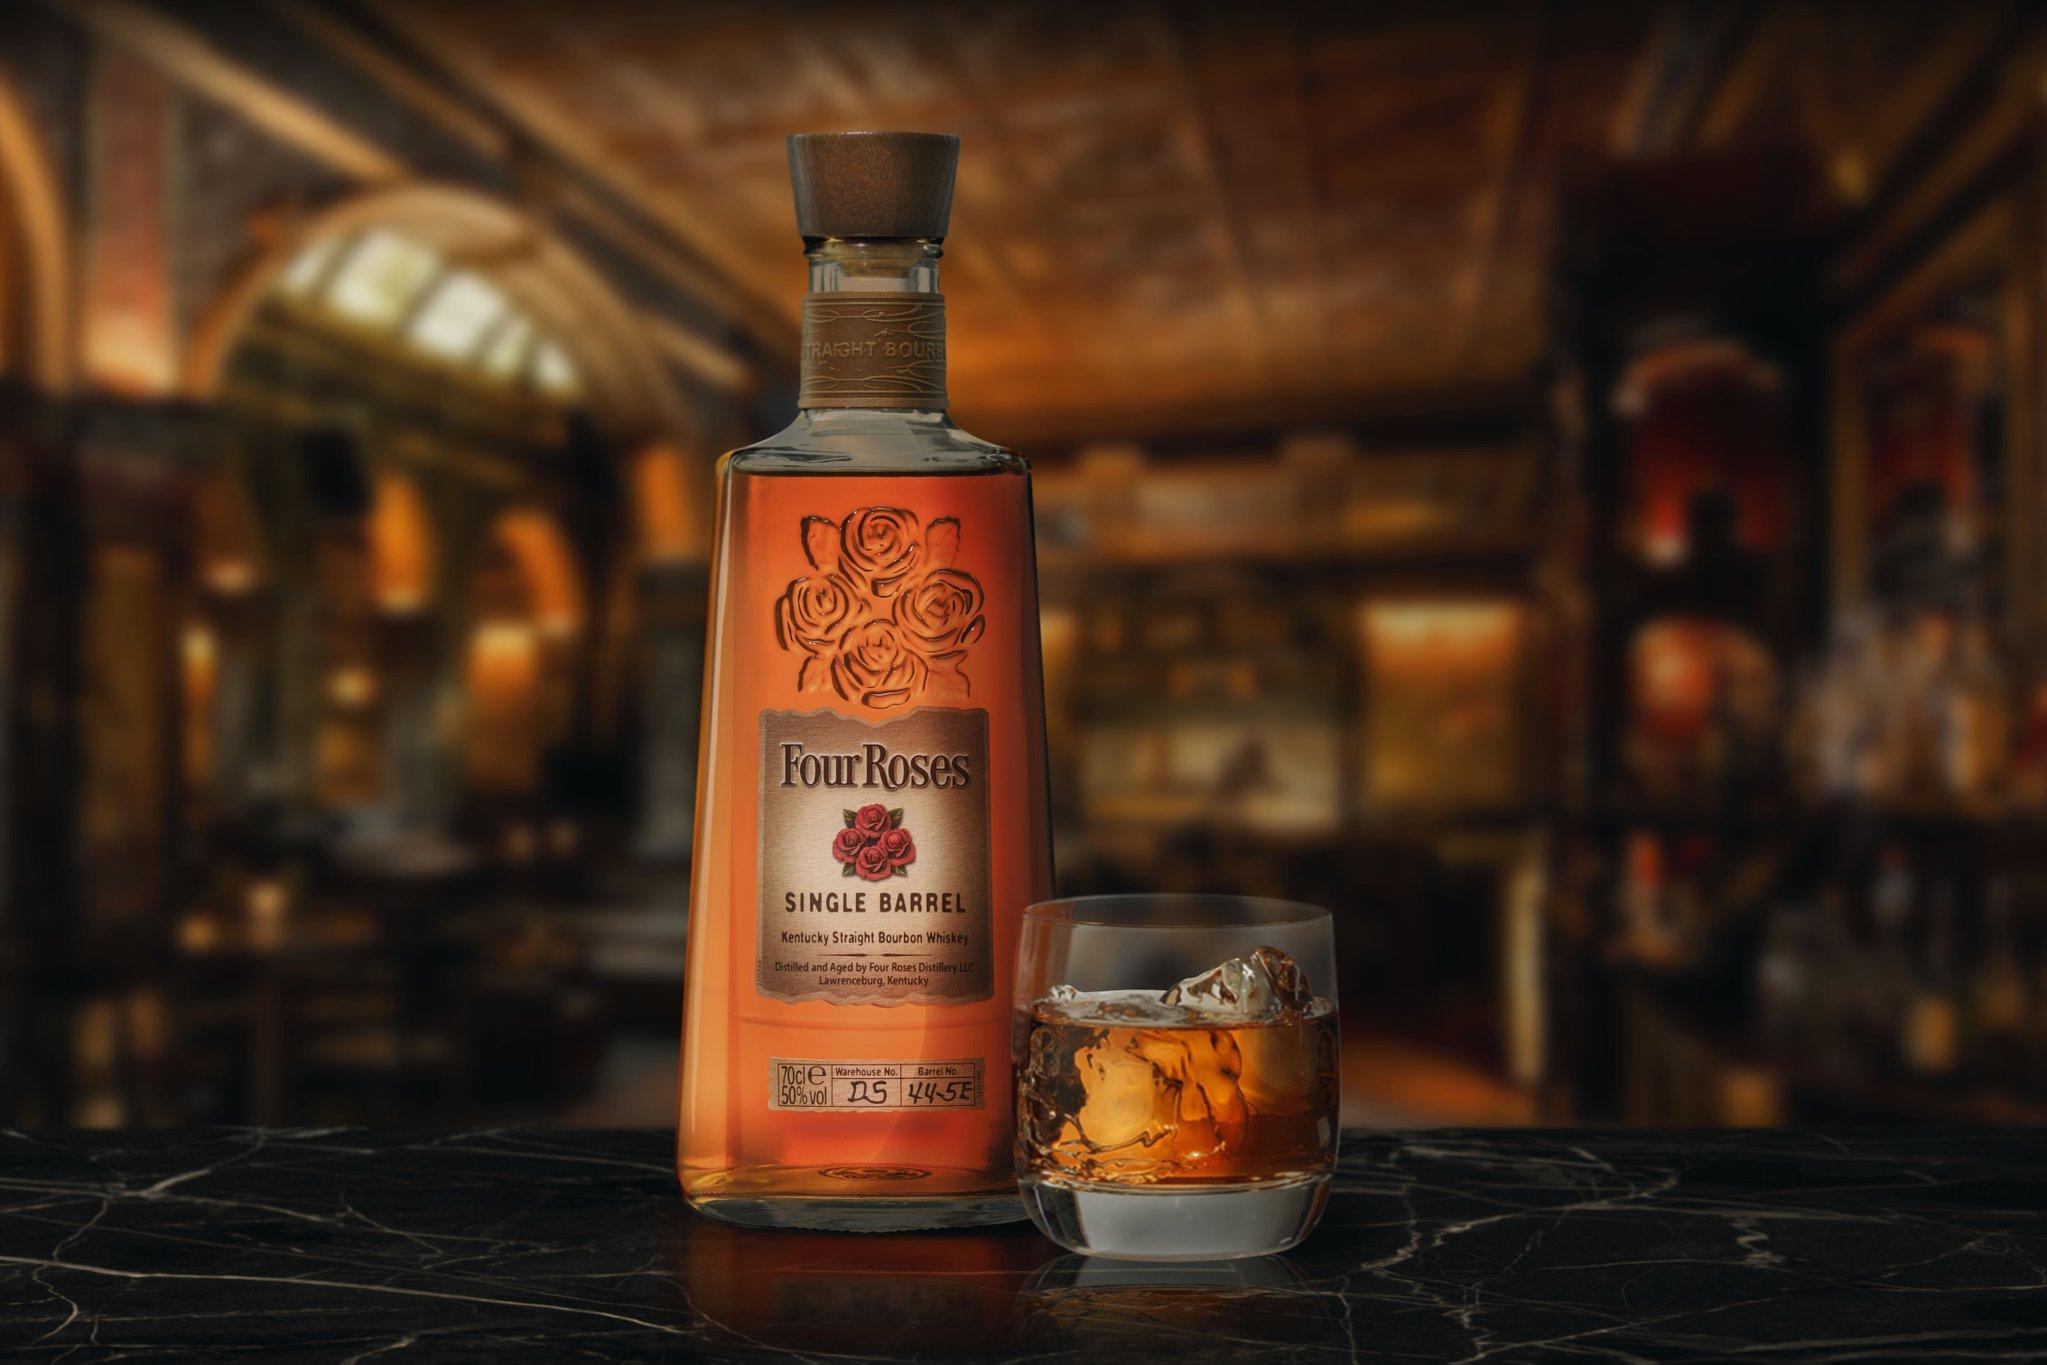 Los whiskies Four Roses y Glenfarclas renuevan su imagen